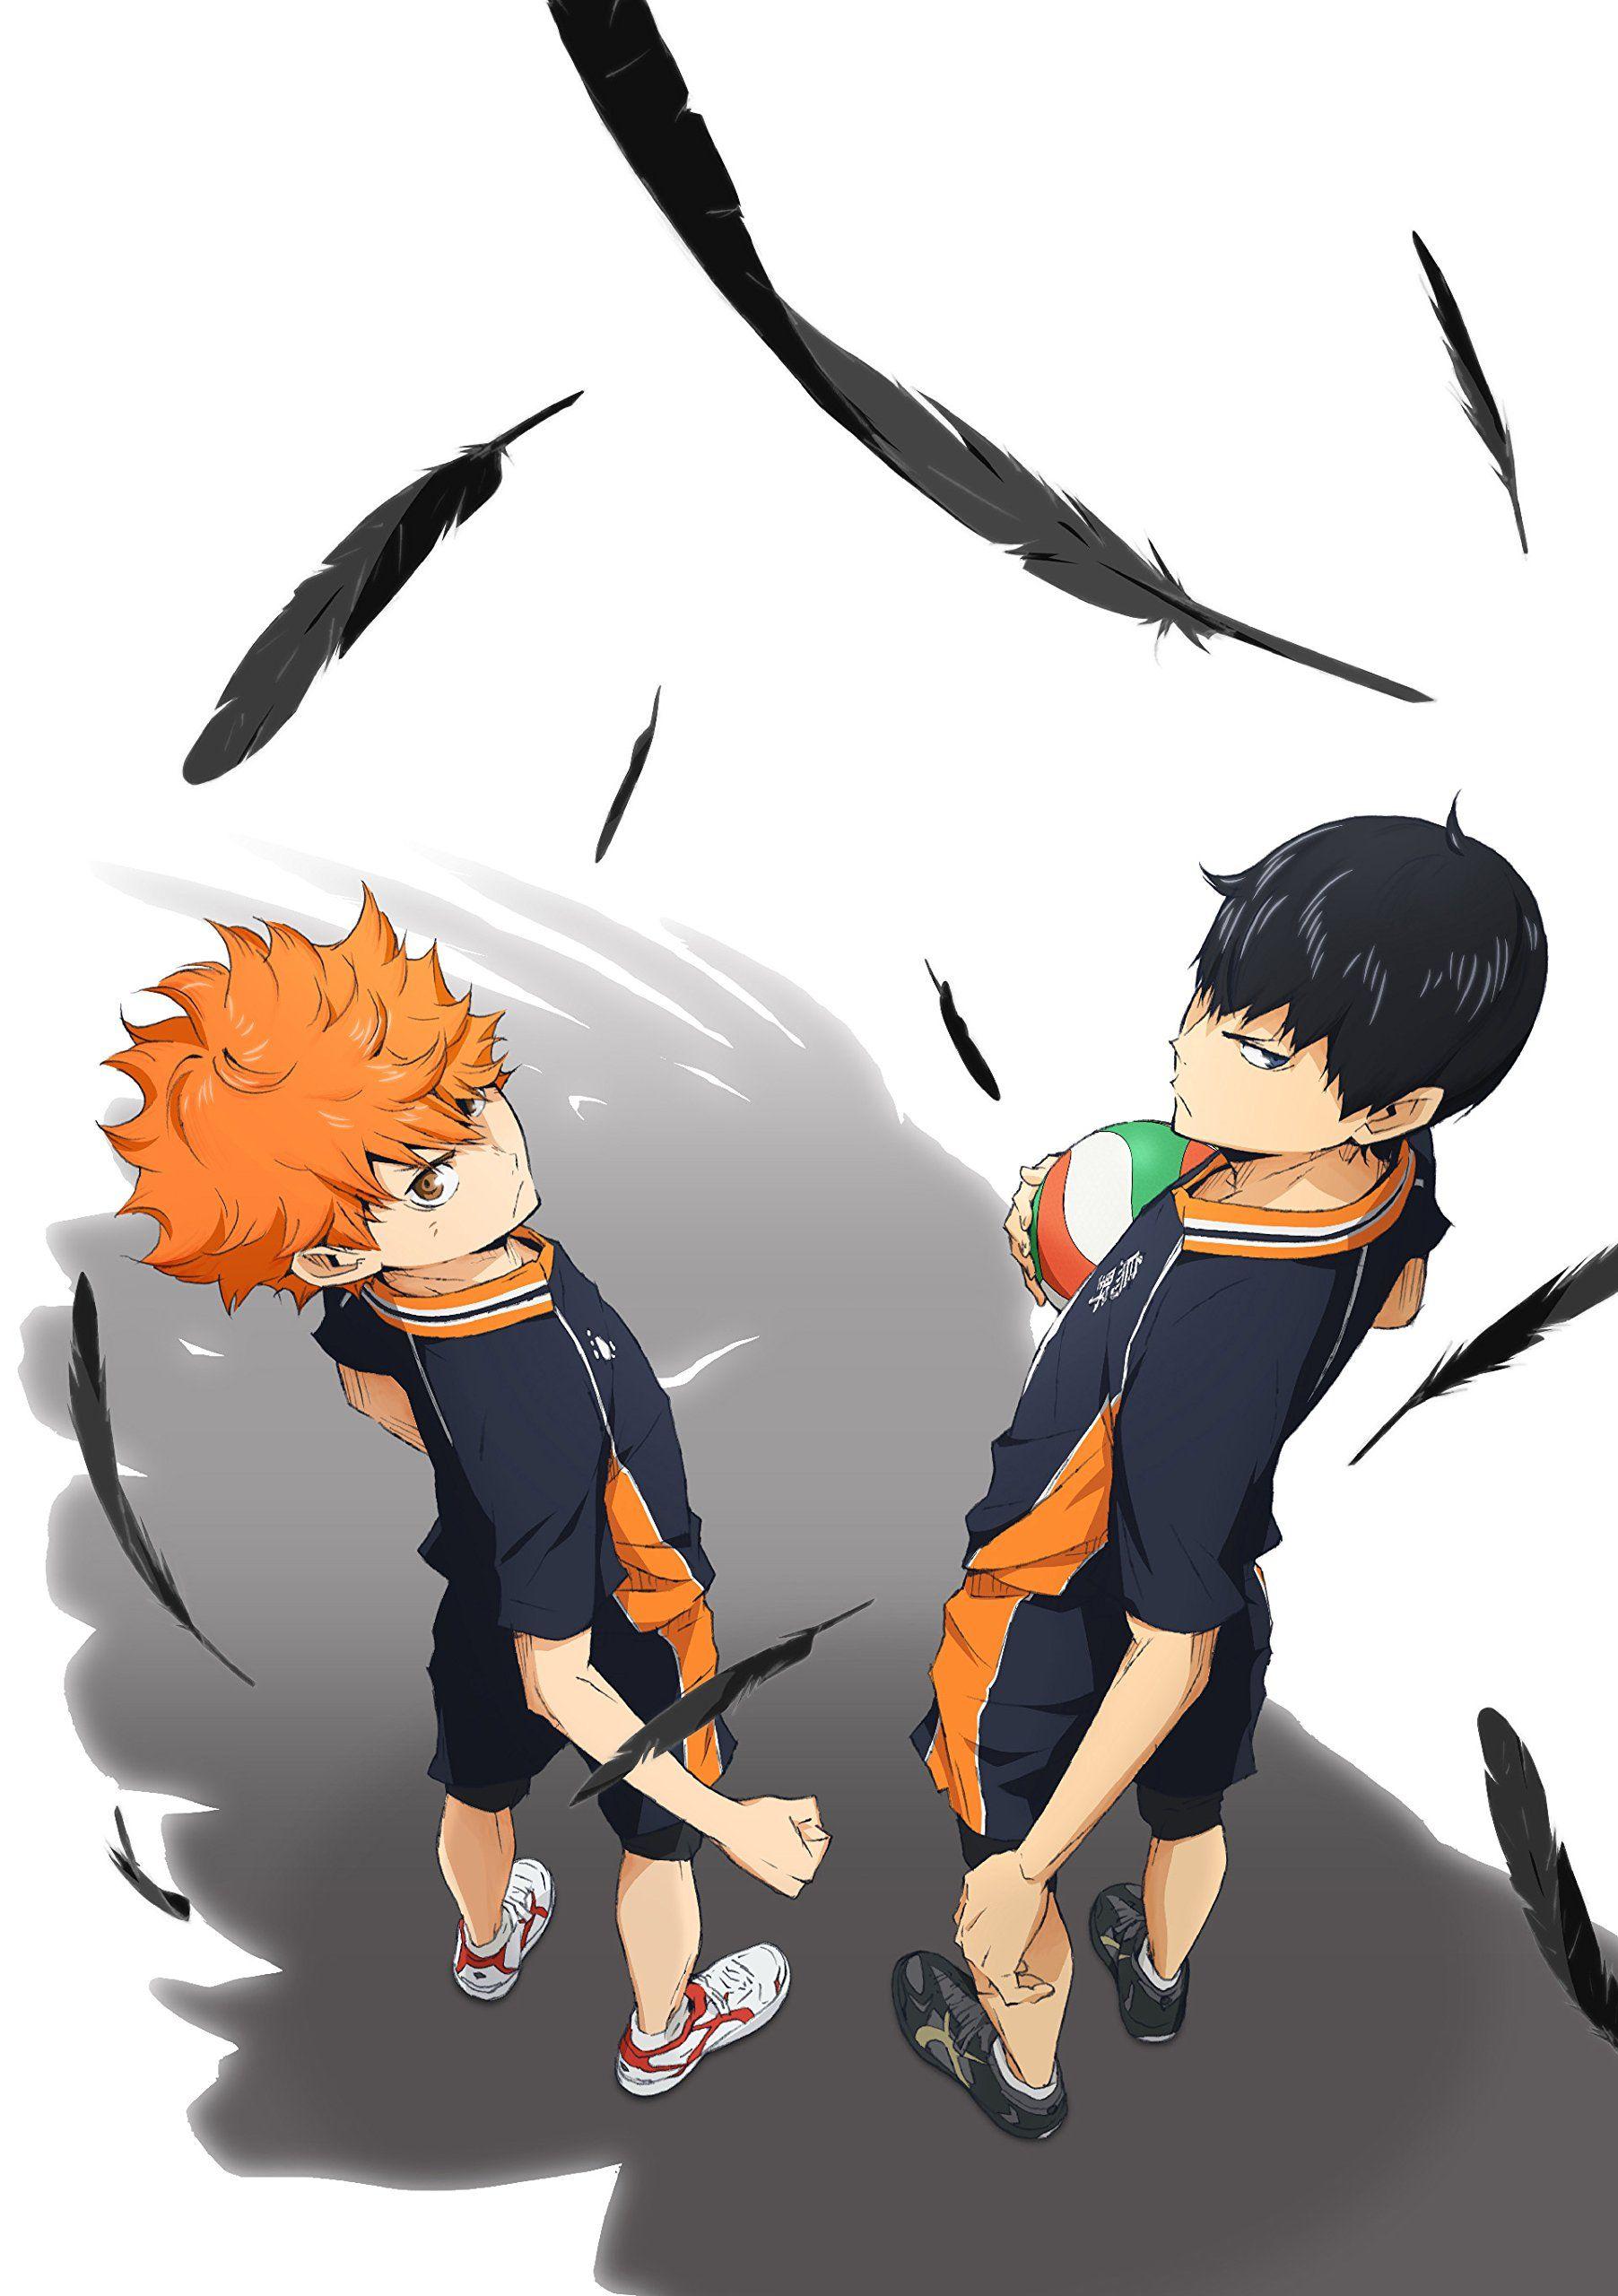 81C5JmHUhL._SL_.jpg (1804×2560) Haikyuu anime, Haikyuu